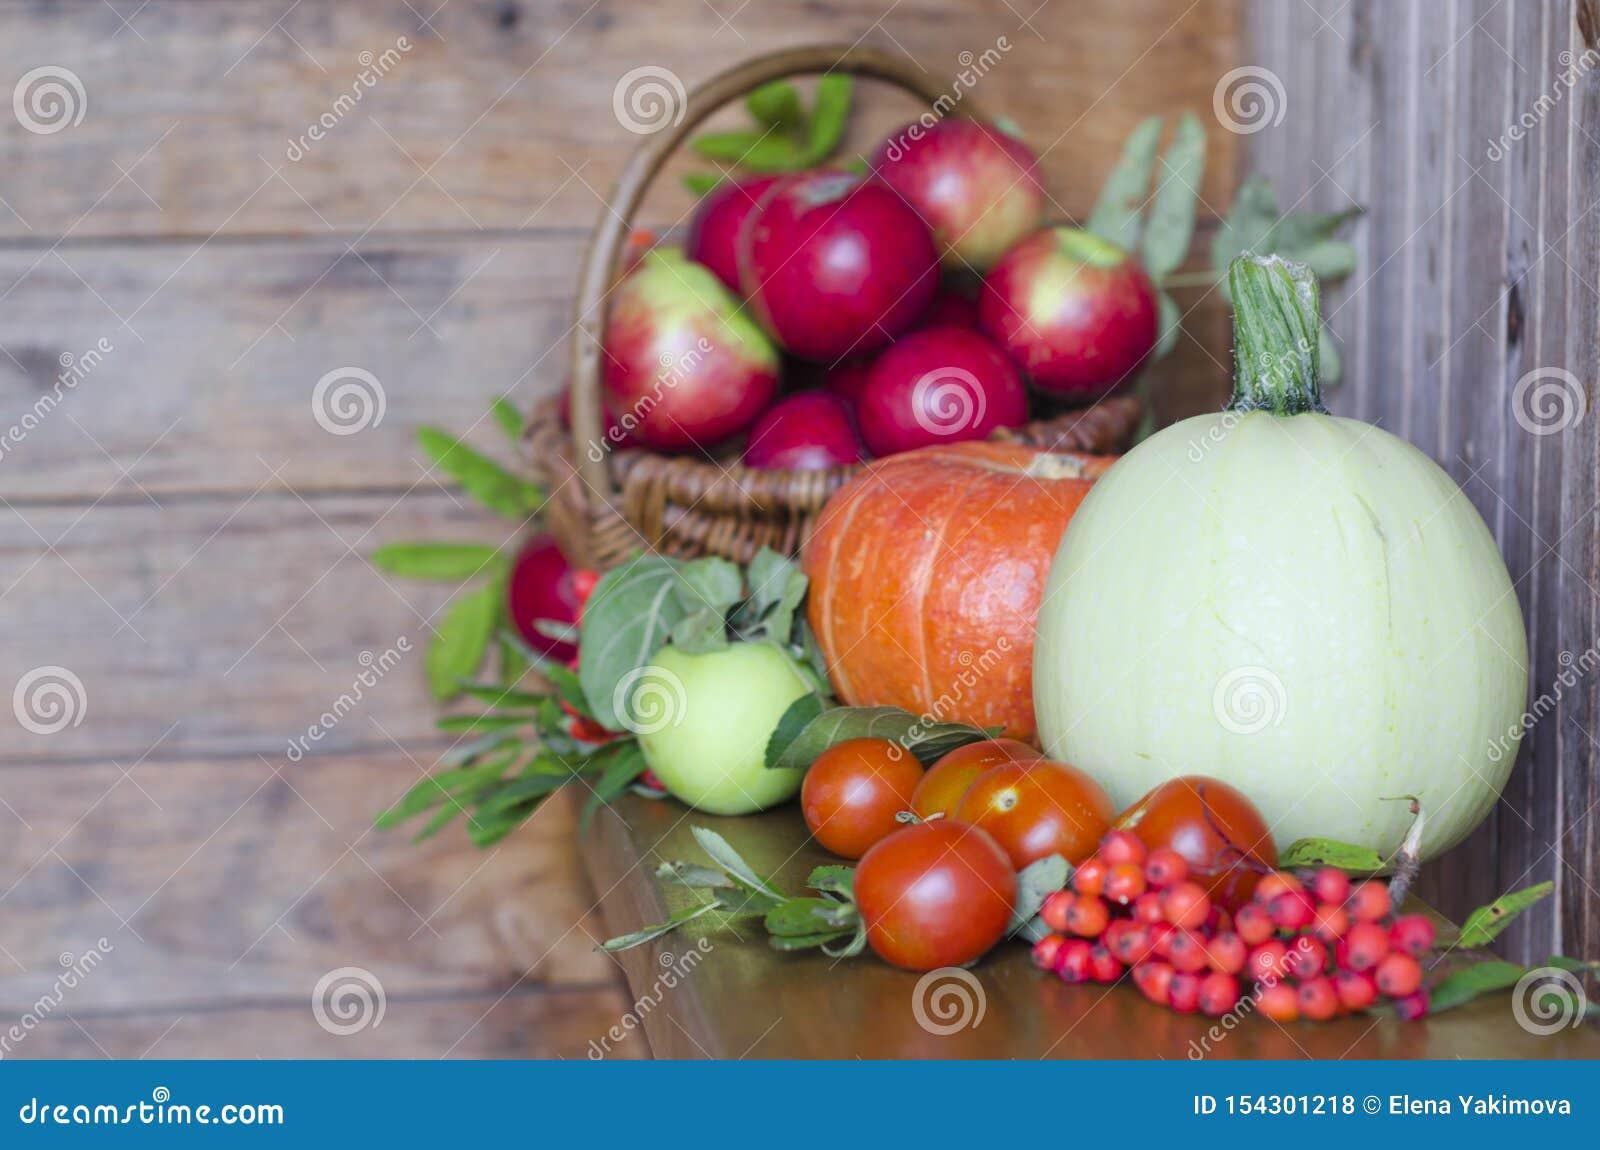 корзина с плодами на деревянной предпосылке сбор овощей